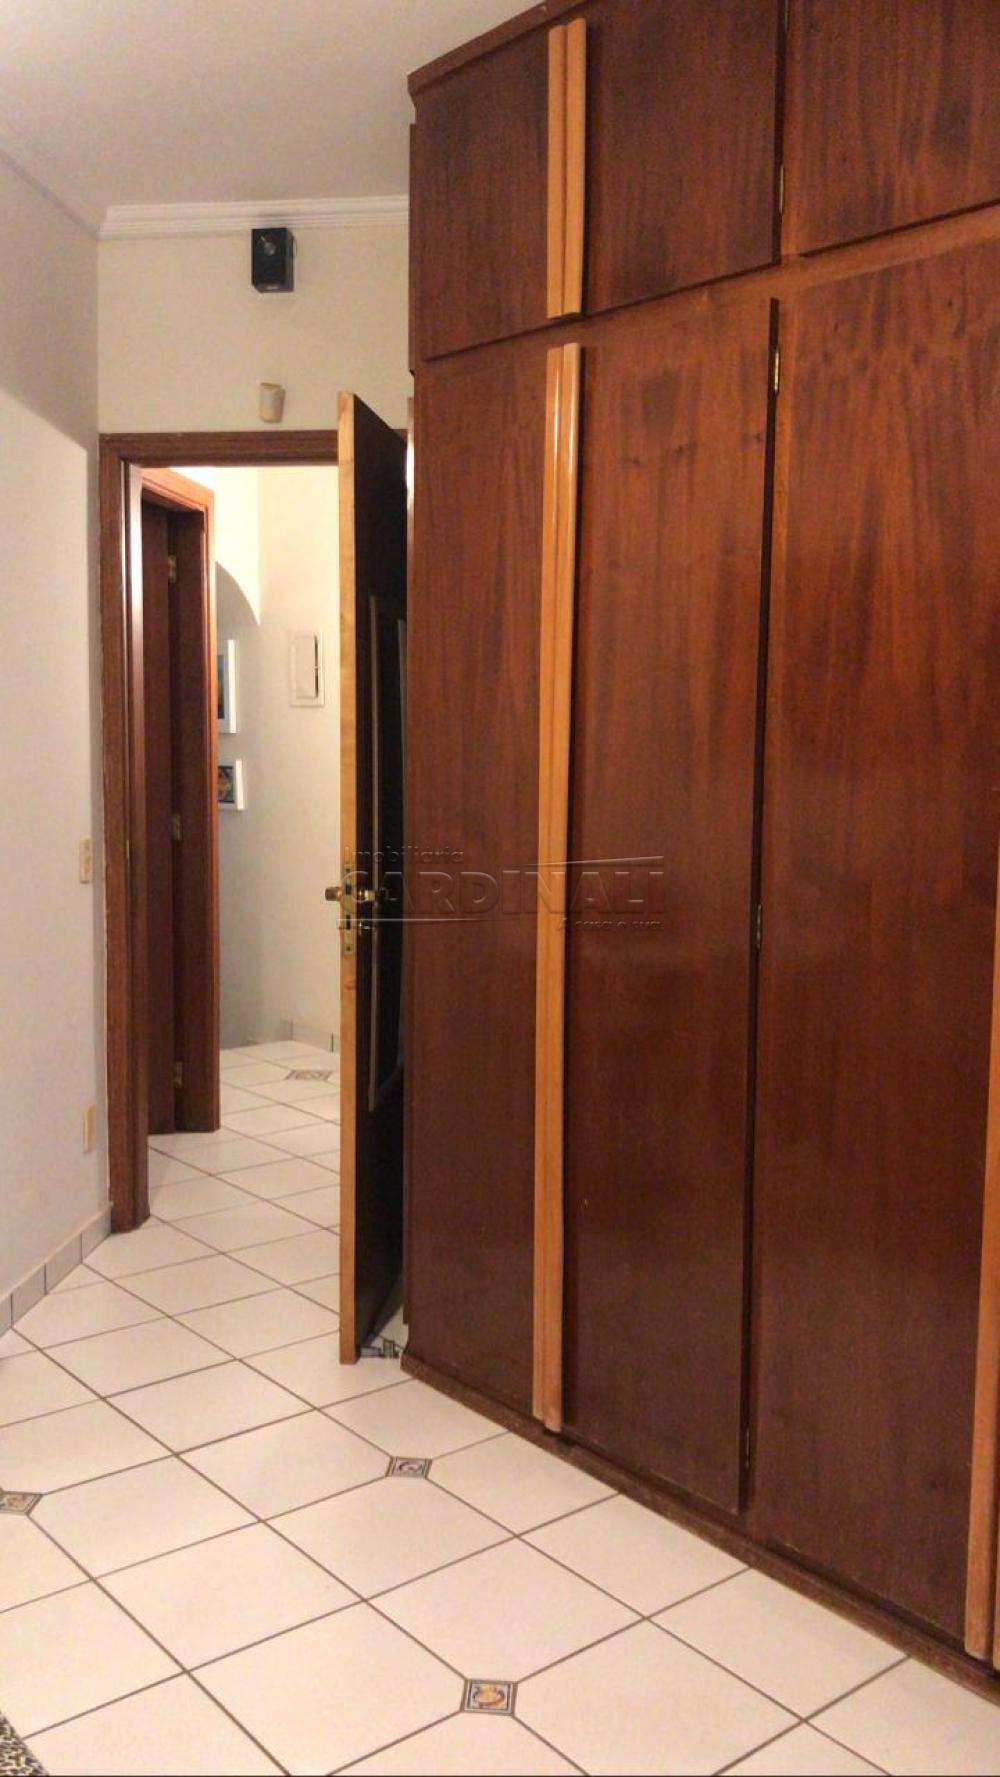 Comprar Casa / Padrão em Araraquara R$ 900.000,00 - Foto 6